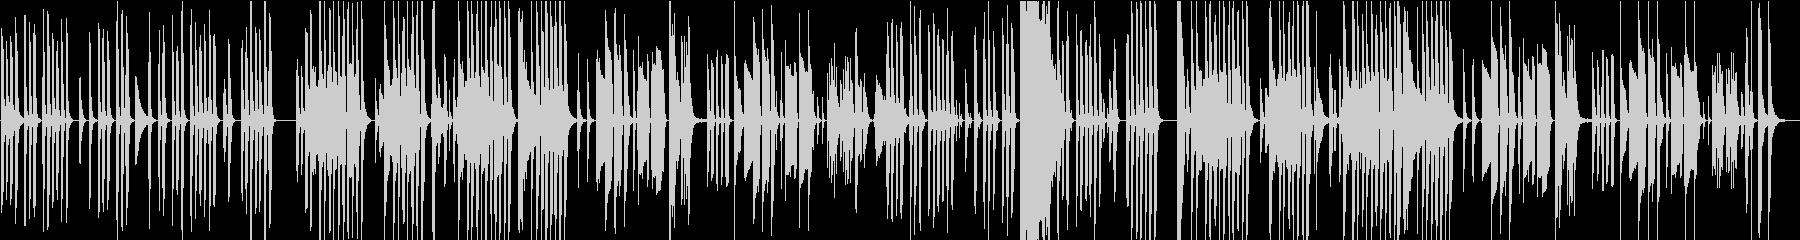 ほのぼのとコミカルで素朴な不思議な曲の未再生の波形